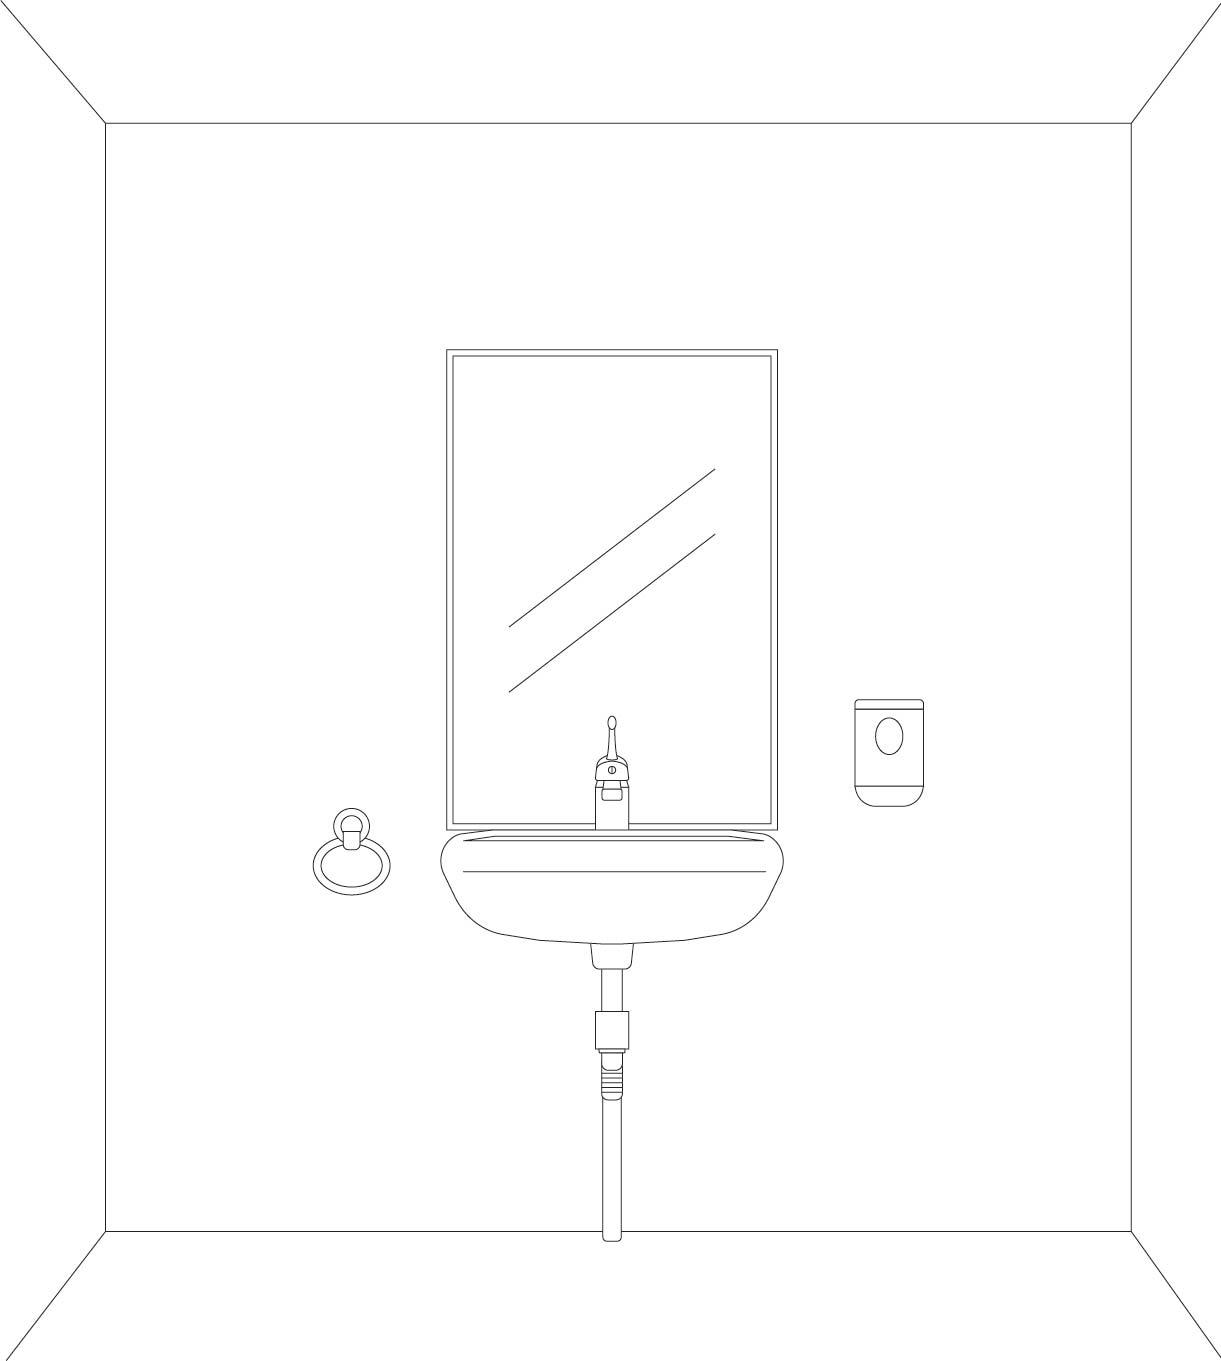 espejo, toallero, dispensador de jabón y lavamanos con accesibilidad universal